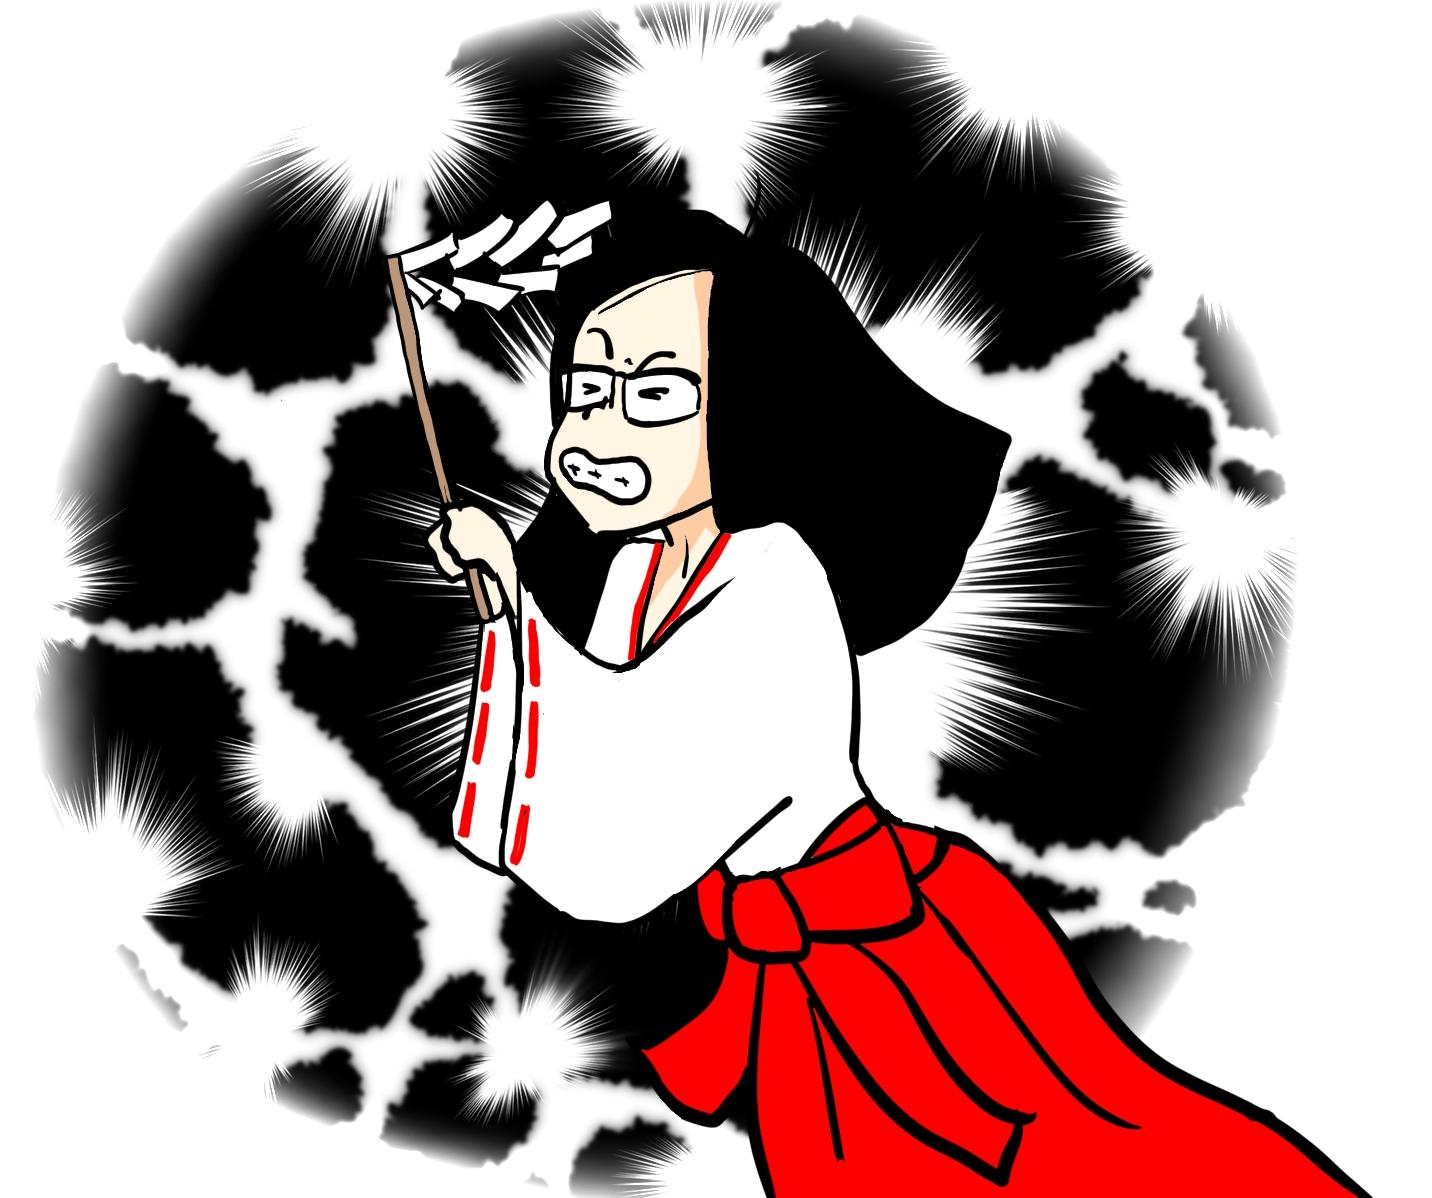 津久井湖 神社跡 チエ巫女